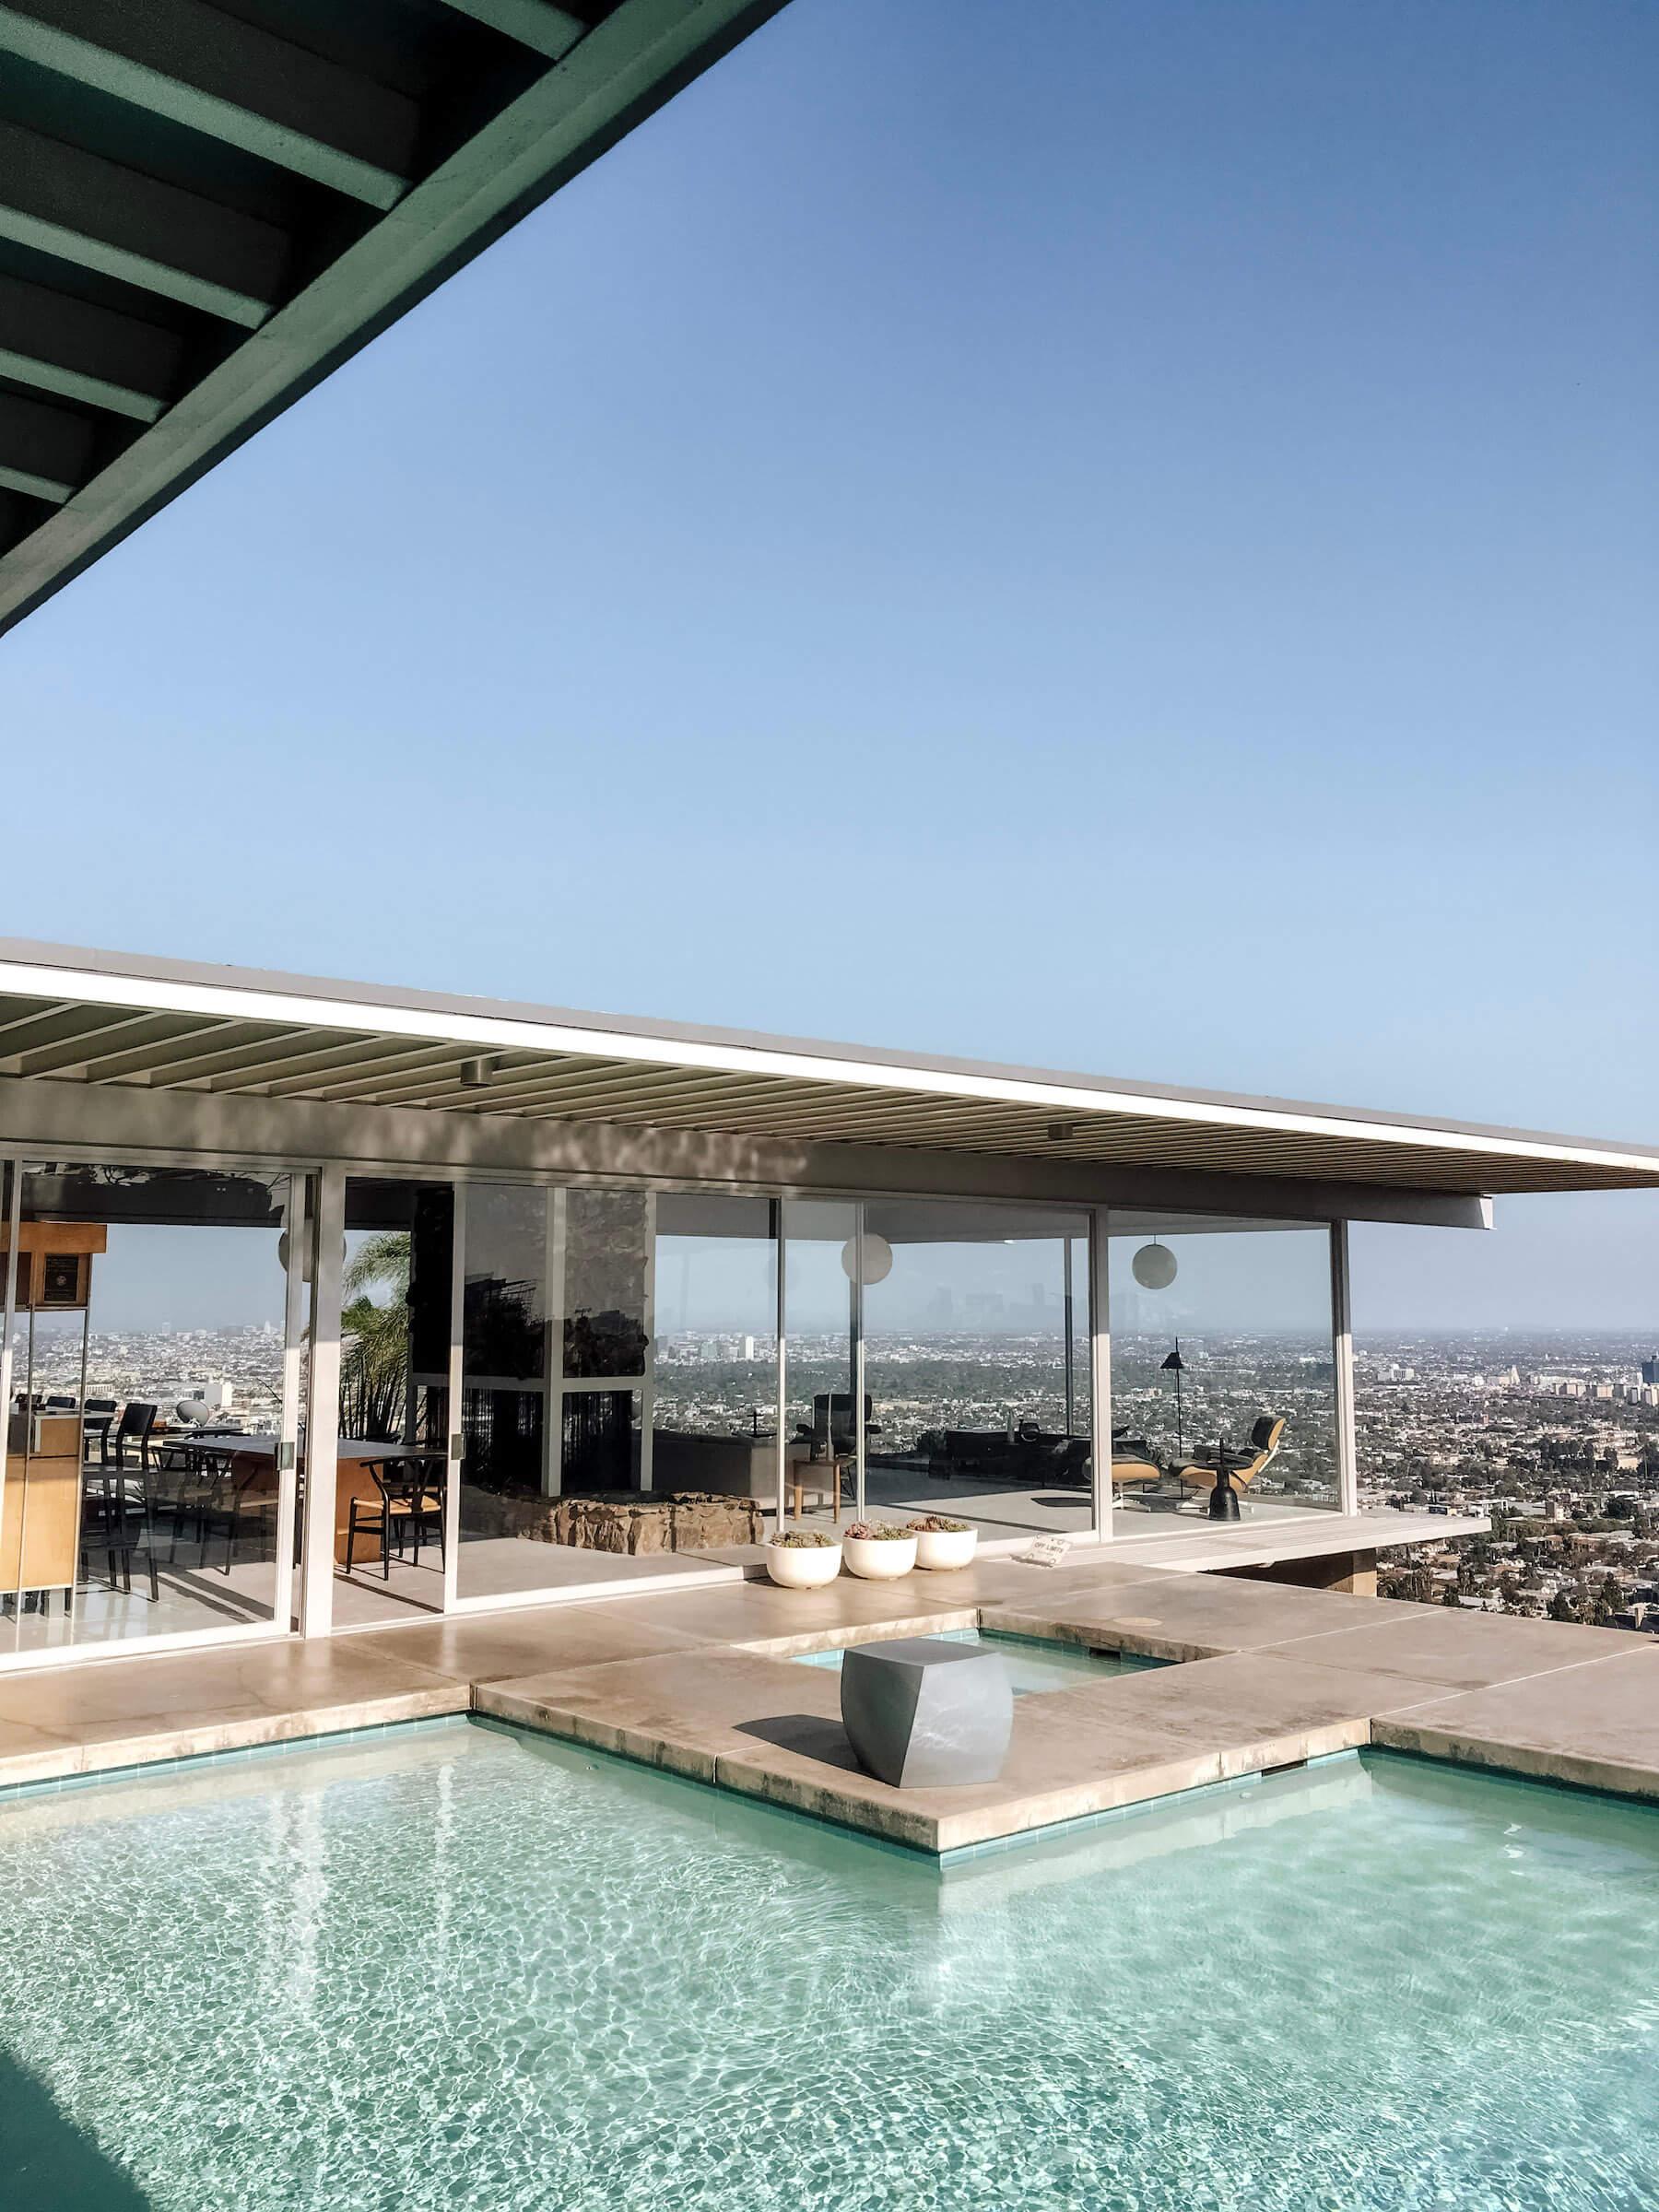 Stahl House - méconnus incontournables Los Angeles - voyage en Californie